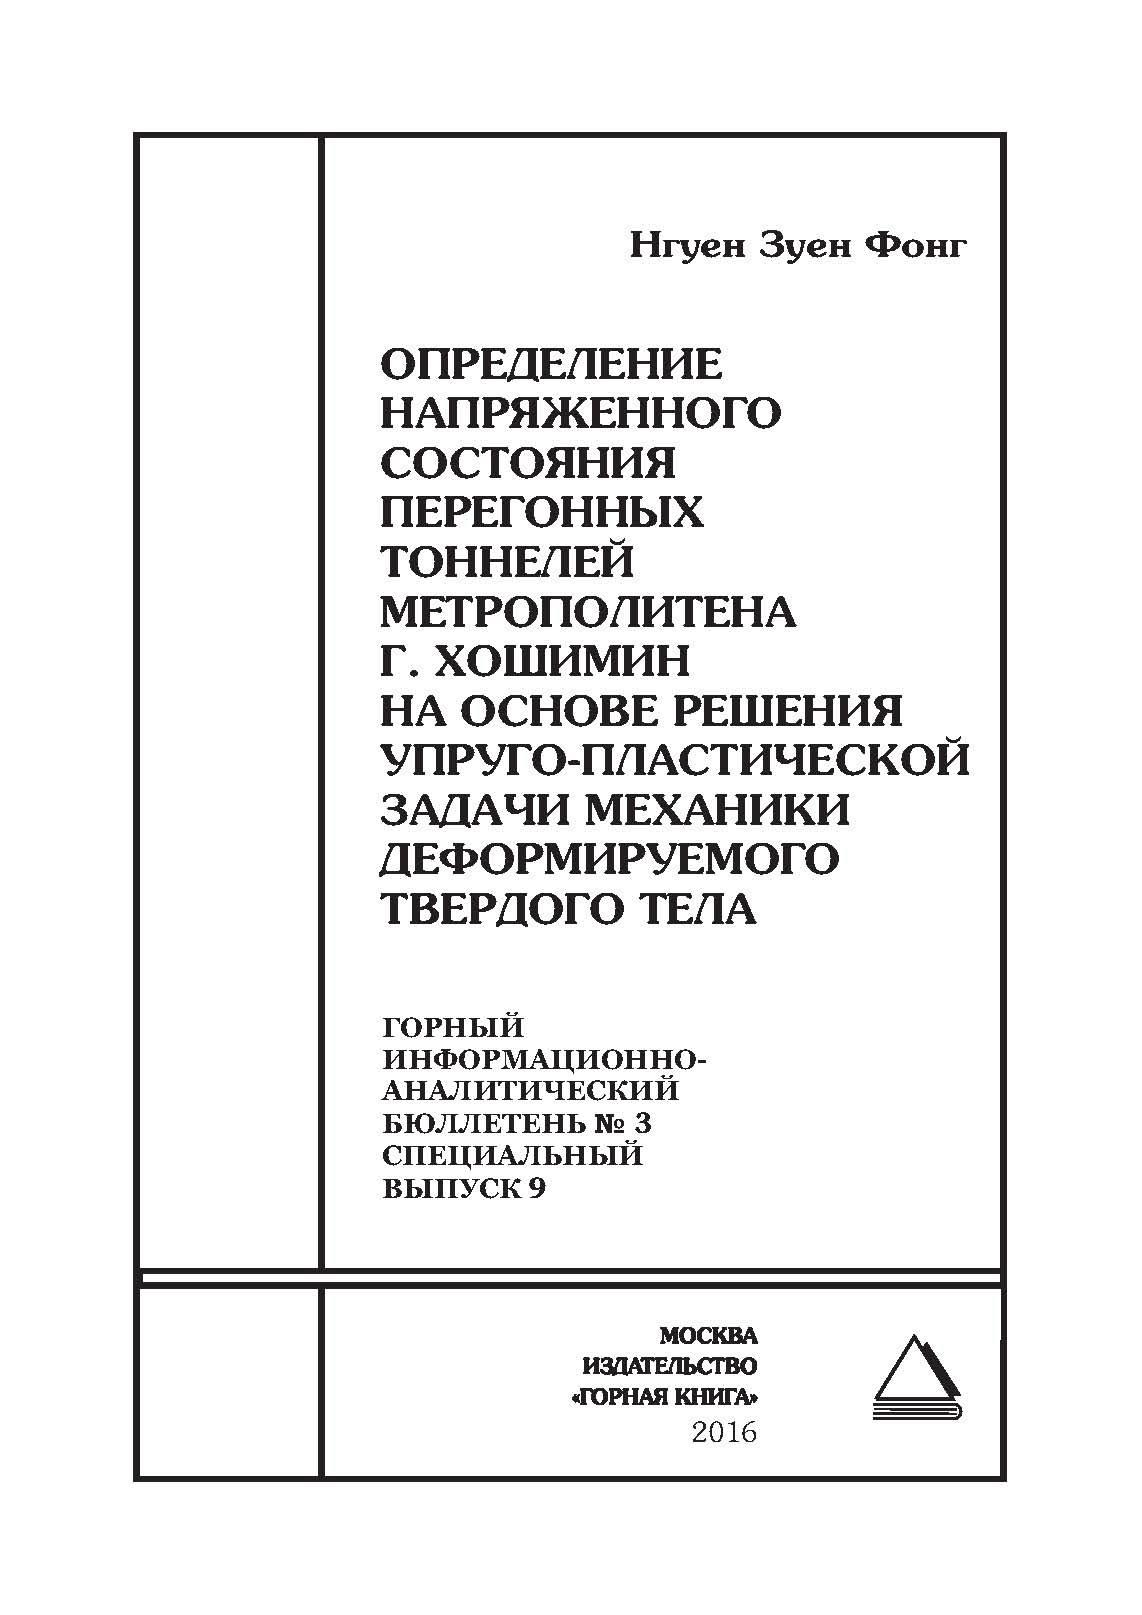 Определение напряженного состояния перегонных тоннелей метрополитена г. Хошимин на основе решения упруго-пластической задачи механики деформируемого твердого тела